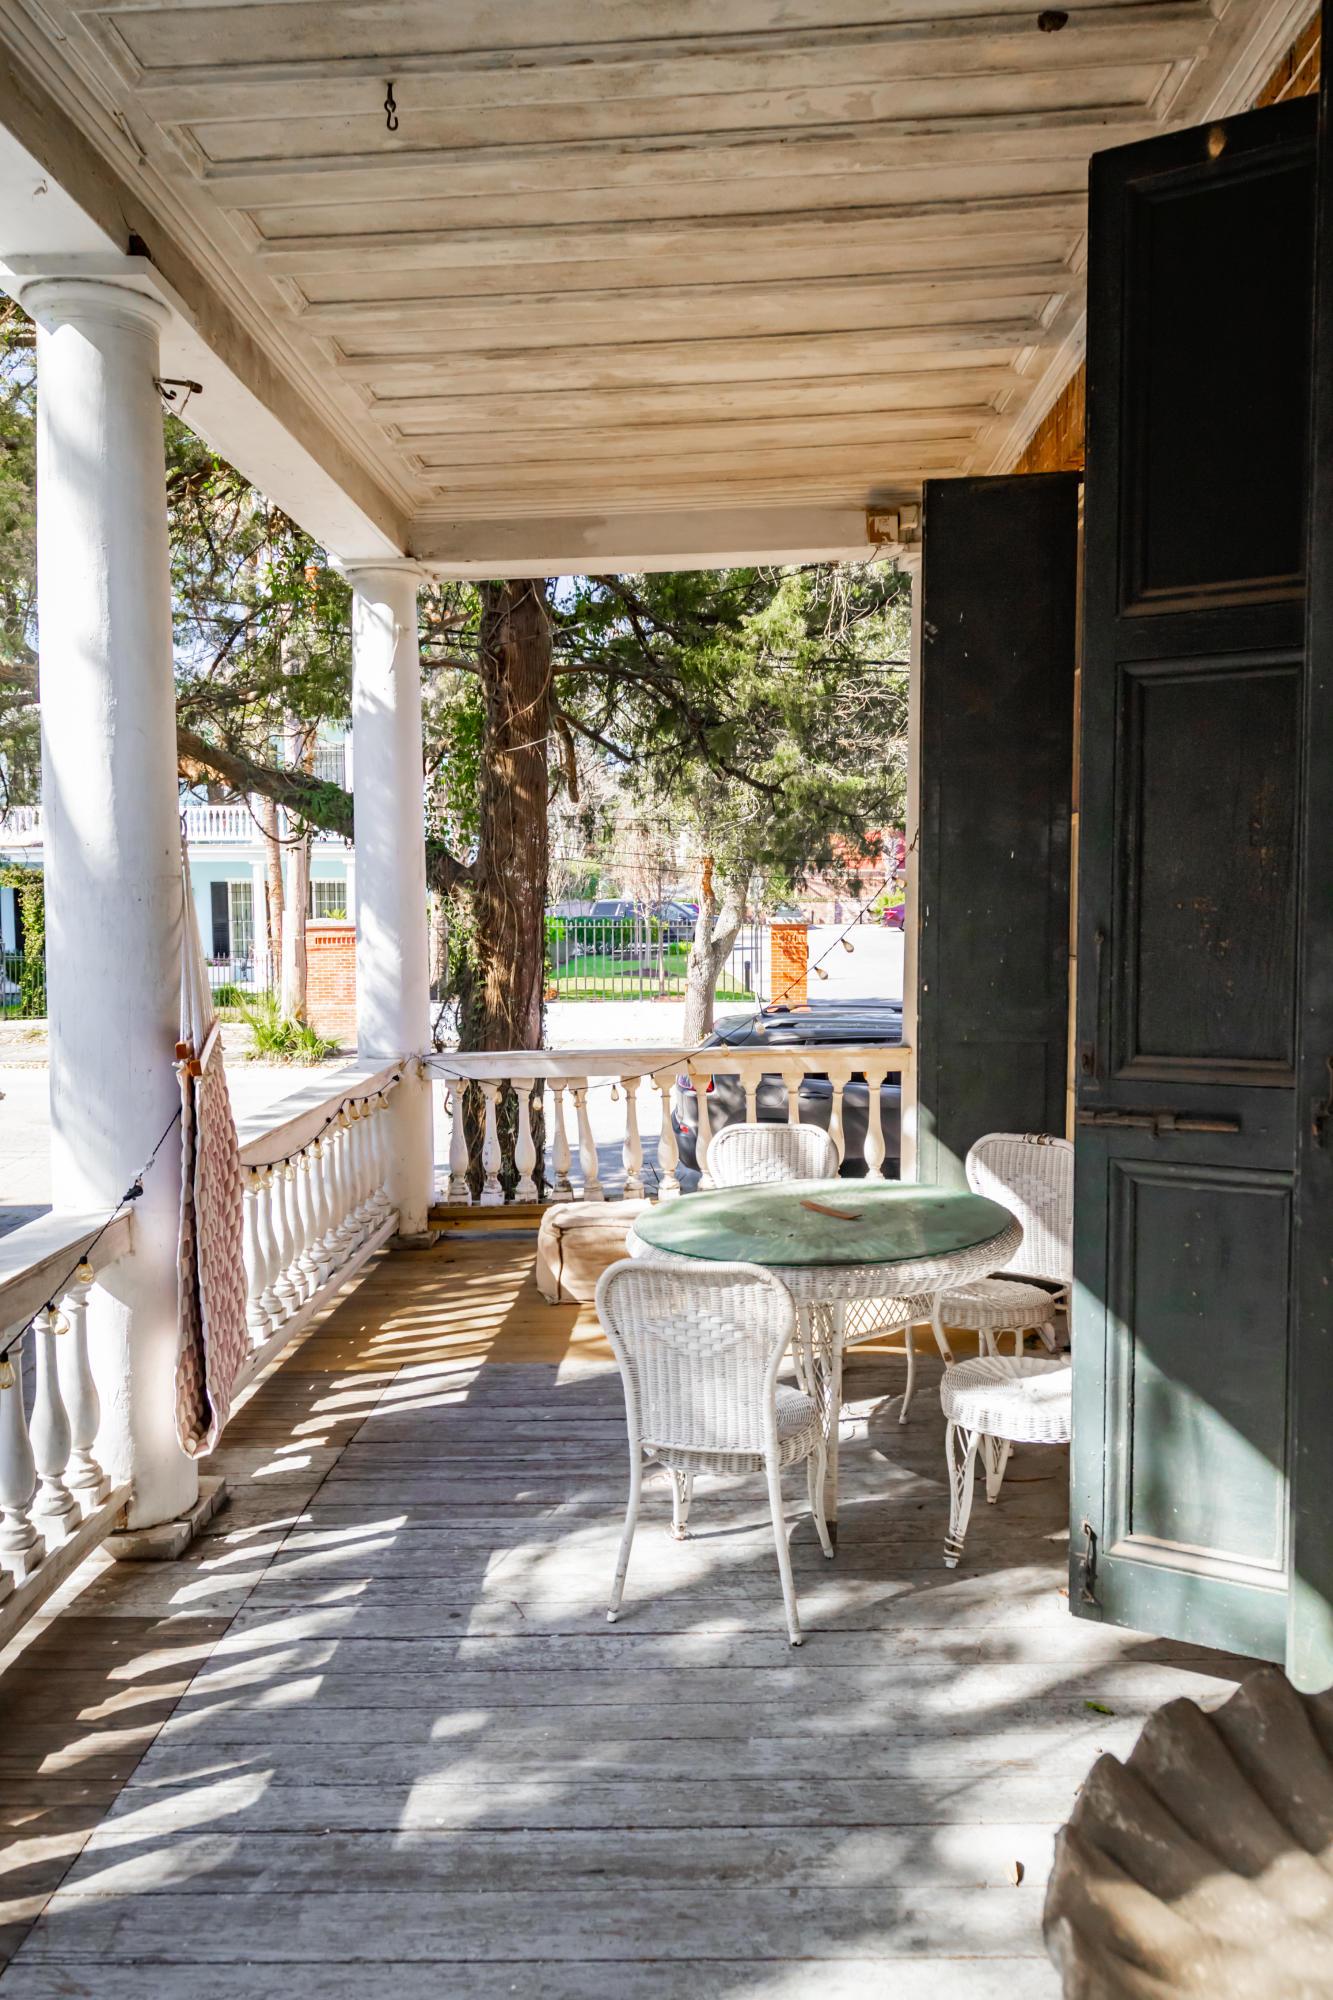 Harleston Village Homes For Sale - 157 Wentworth, Charleston, SC - 10